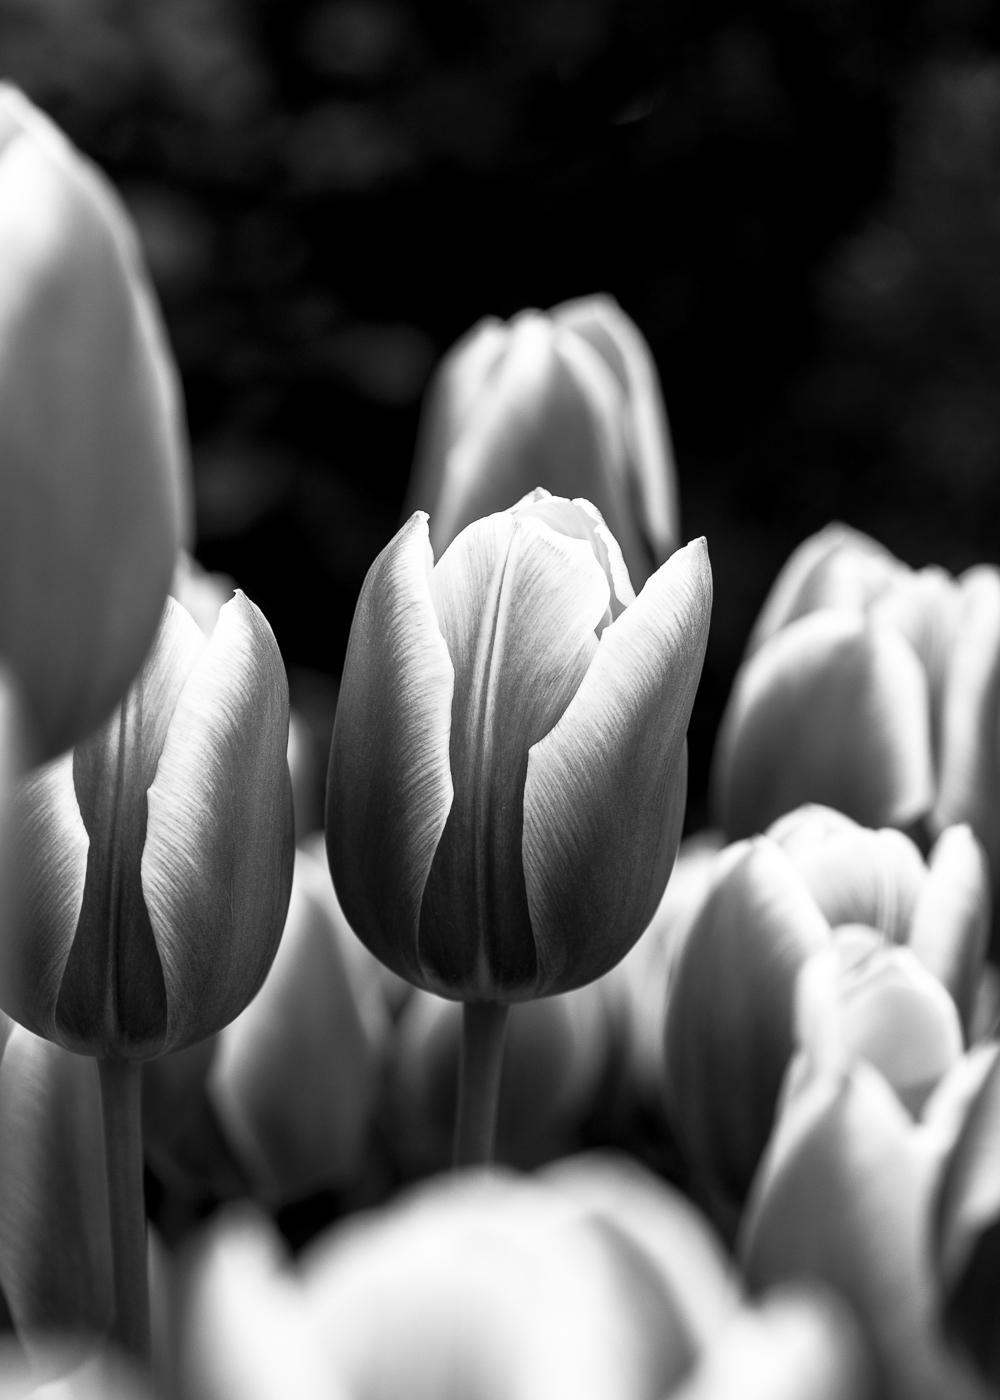 Tulip # 12